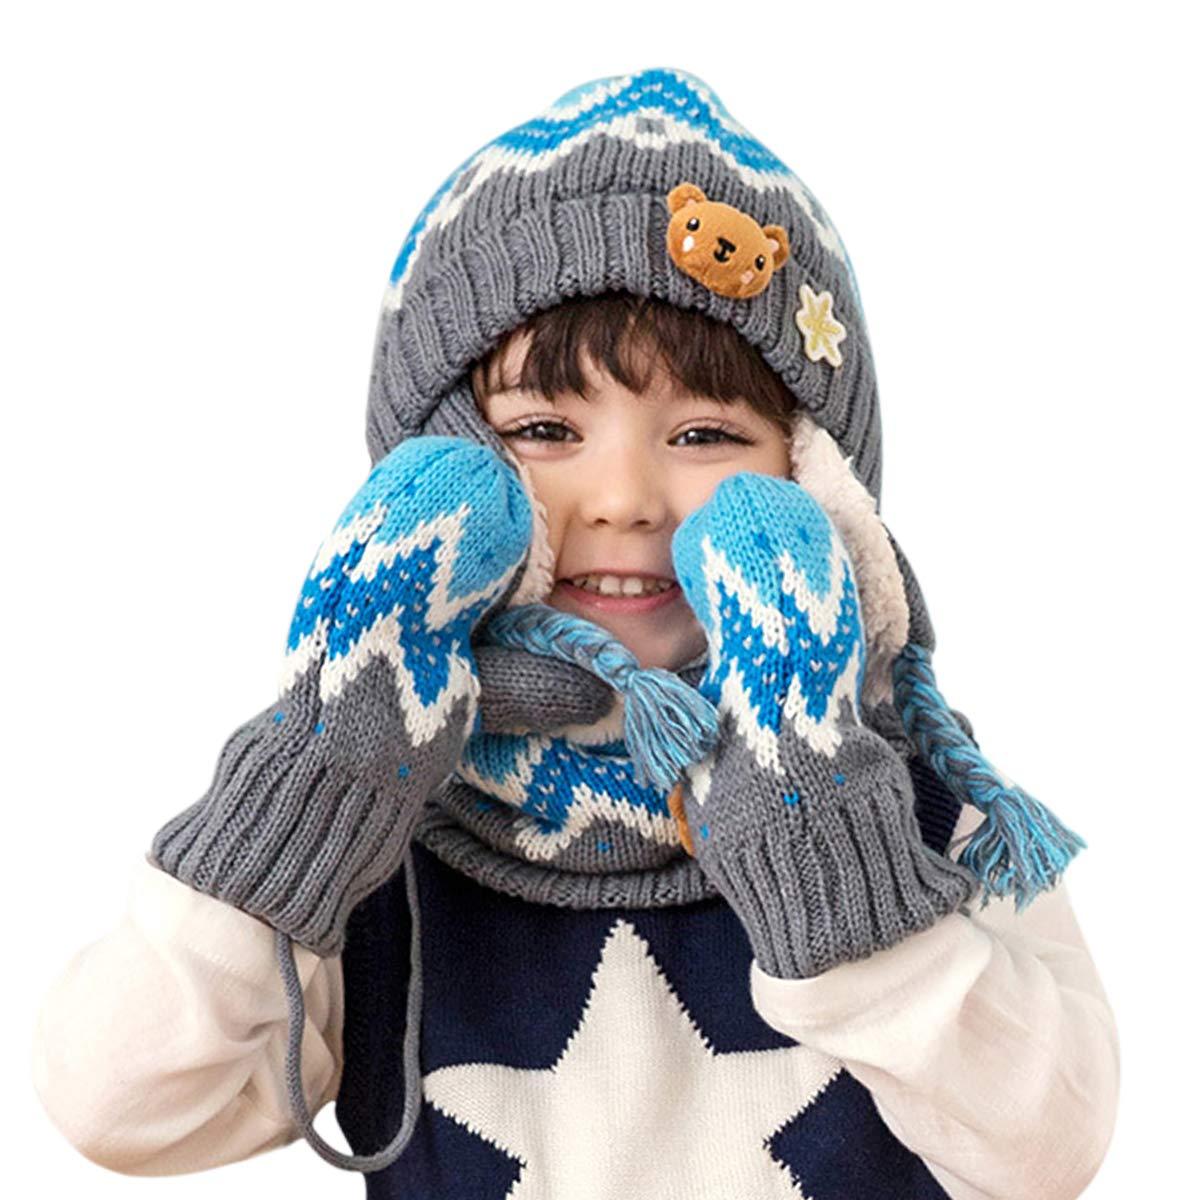 DORRISO Bambini Cappello Sciarpe Guanti Set Autunno Invernale PrimaveraCarina Piccolo Volpe Beanie Cappelli Berretto Bambino Infantili del Cappello Sciarpe Guanti per 1-6 Anni